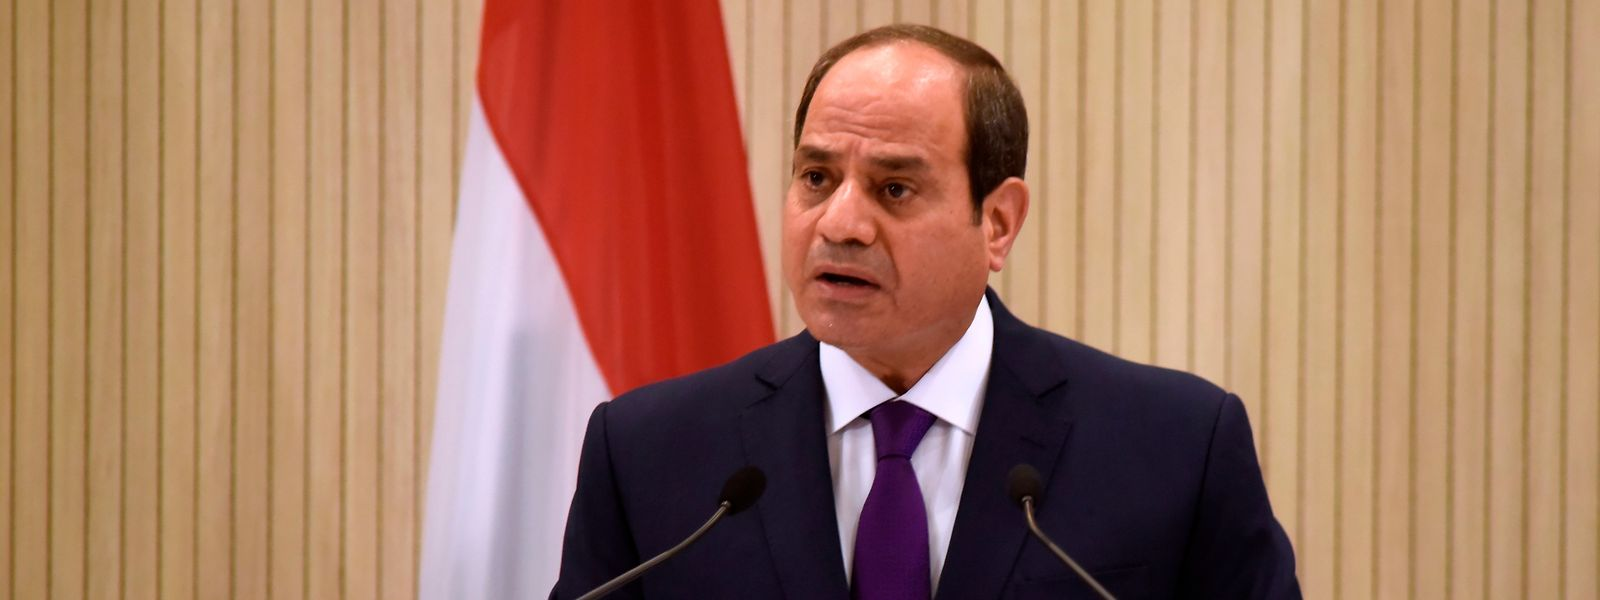 Präsident Abdel Fattah al-Sisi, der neue starke Mann in Kairo.